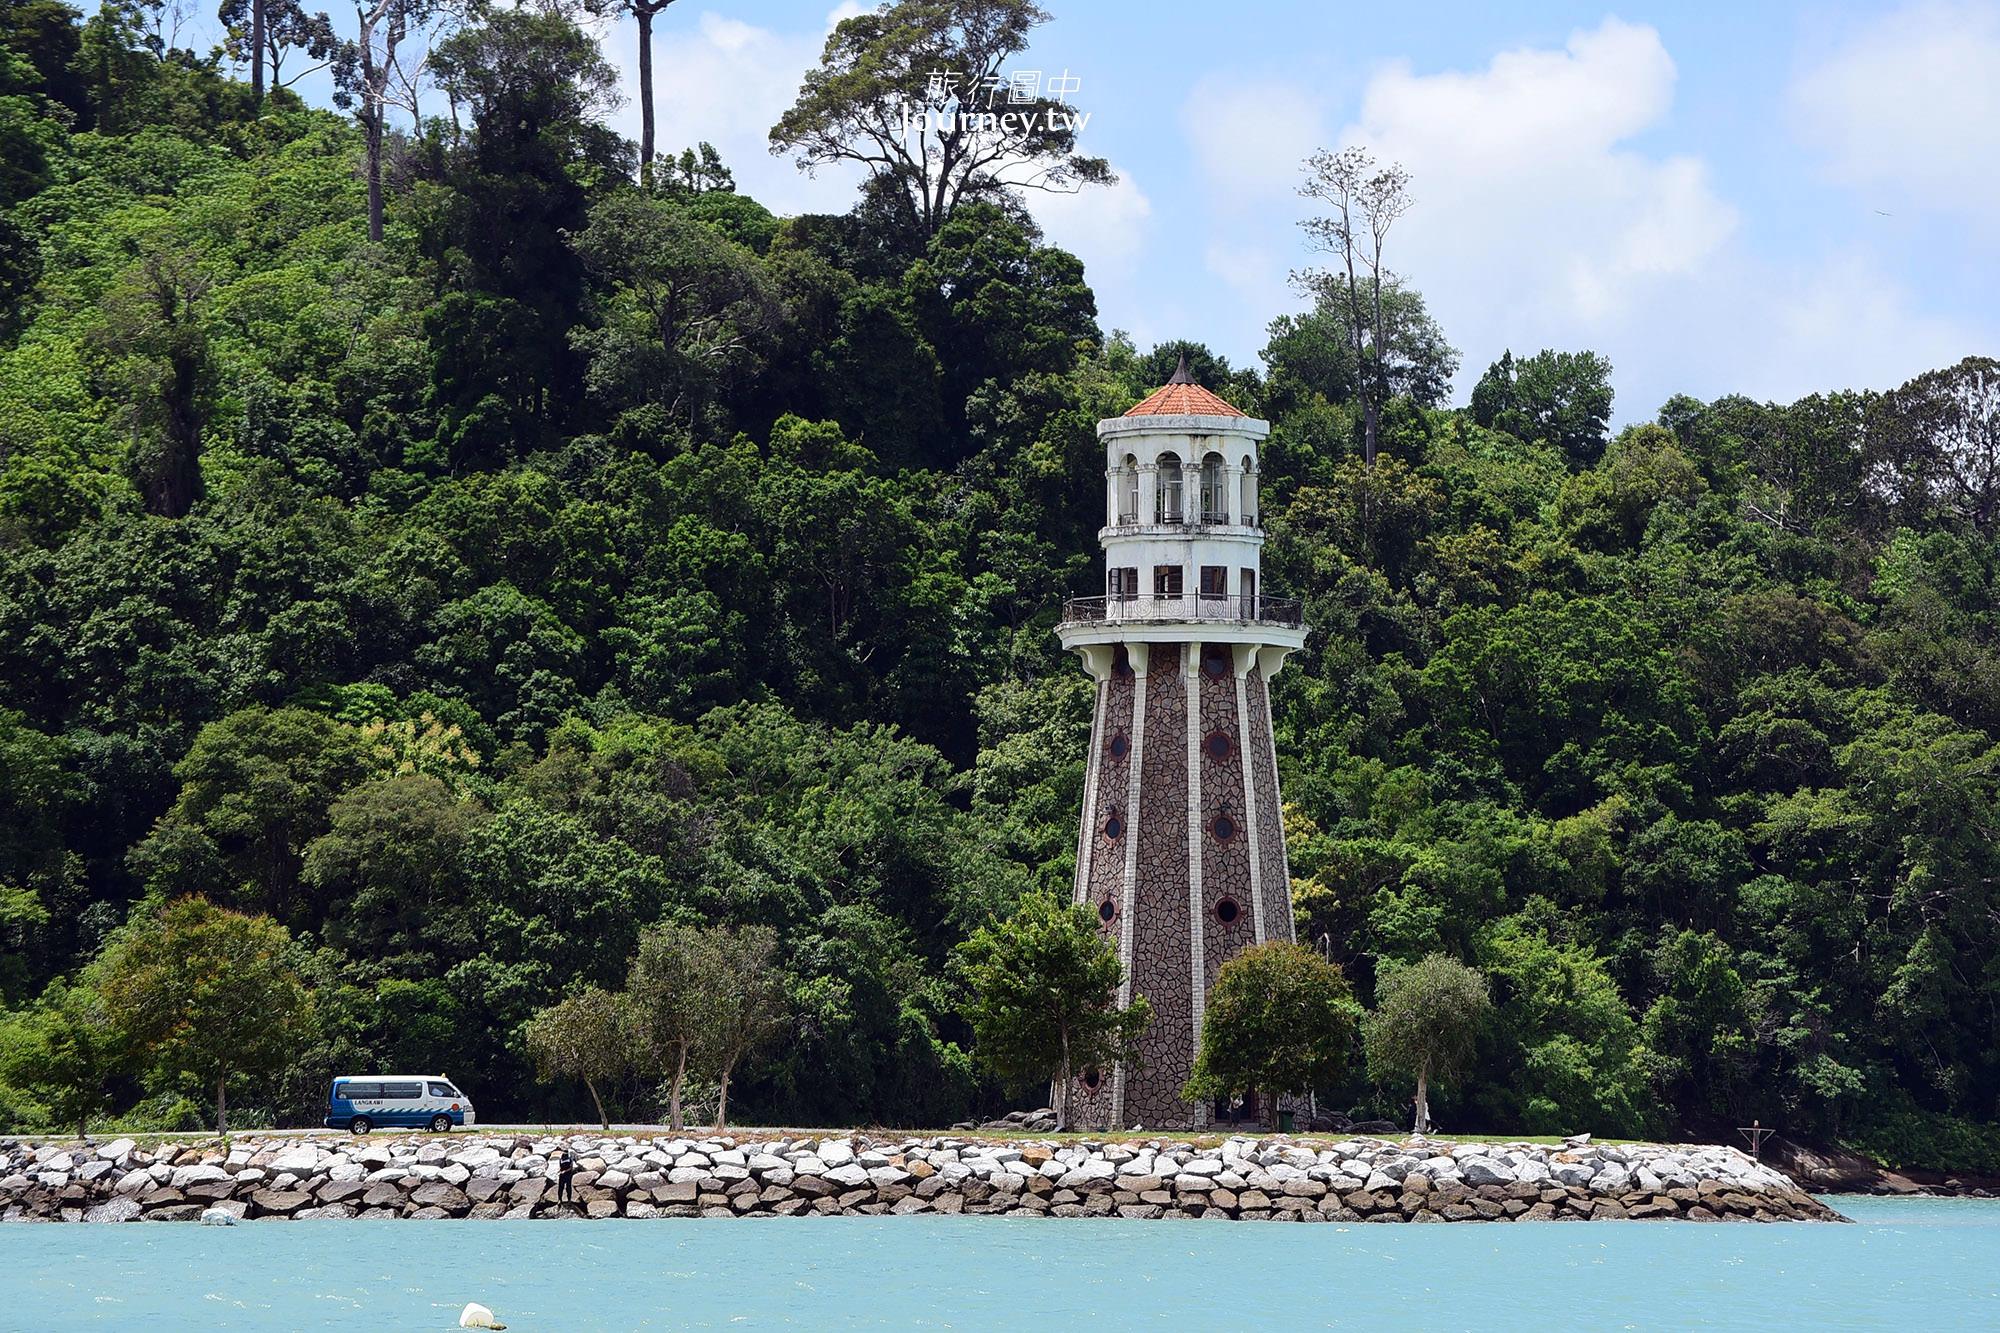 馬來西亞,蘭卡威,蘭卡威自由行,交通,住宿,景點,美食,租車